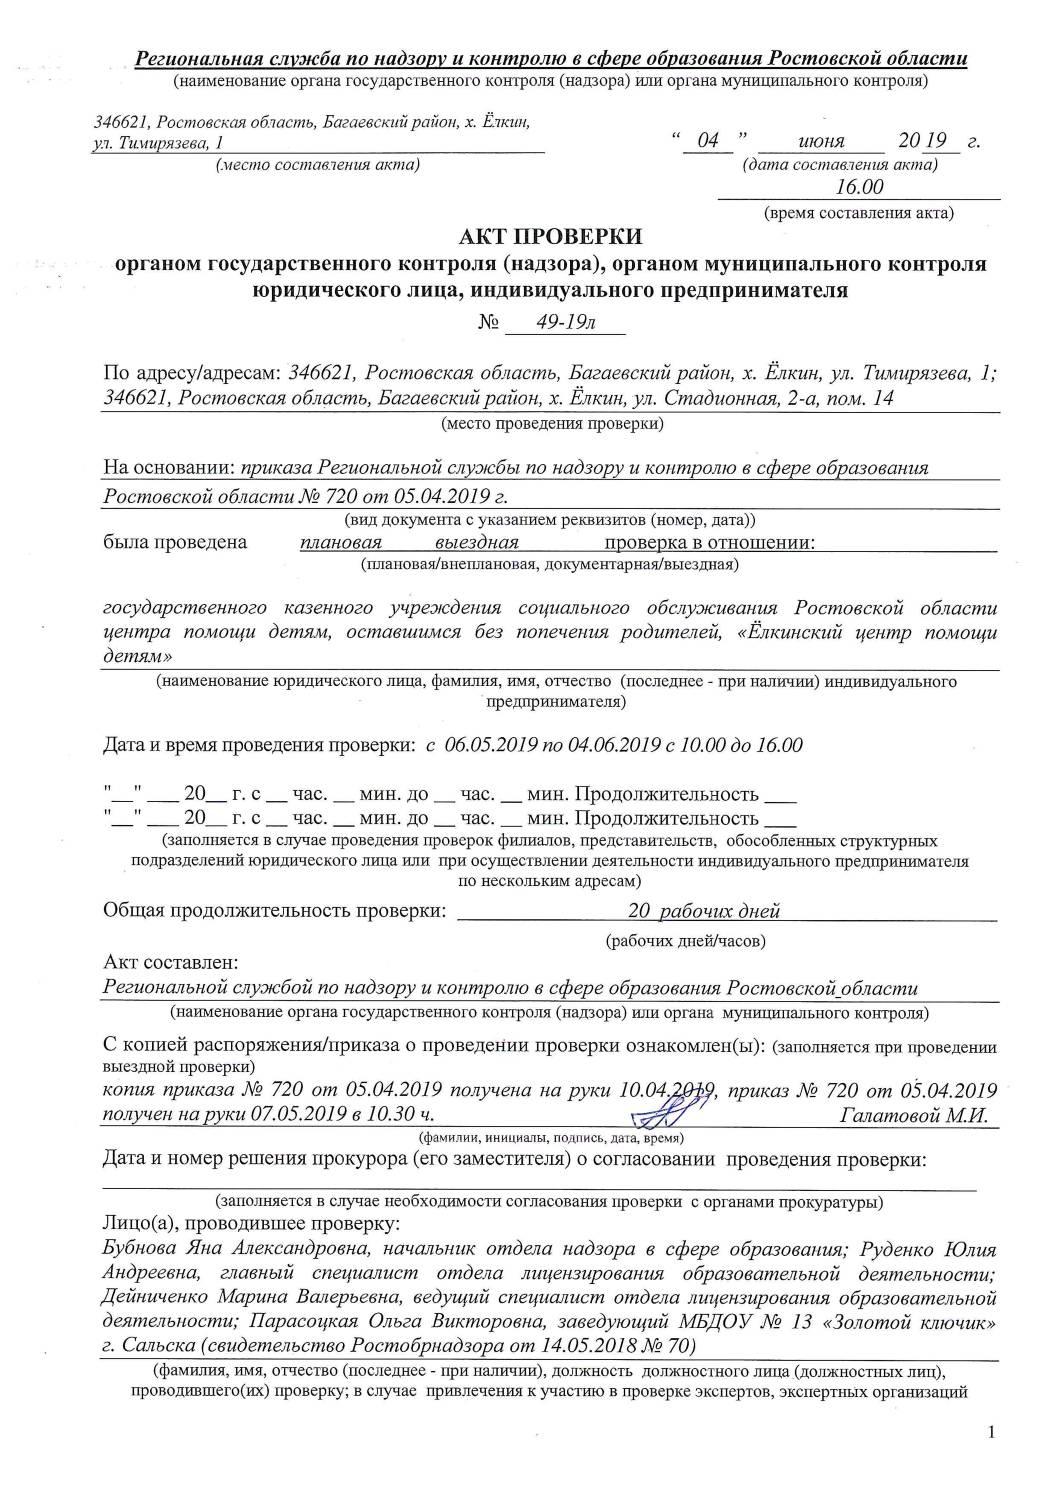 Акт Проверки Рособрнадзор 04.06.2019 год